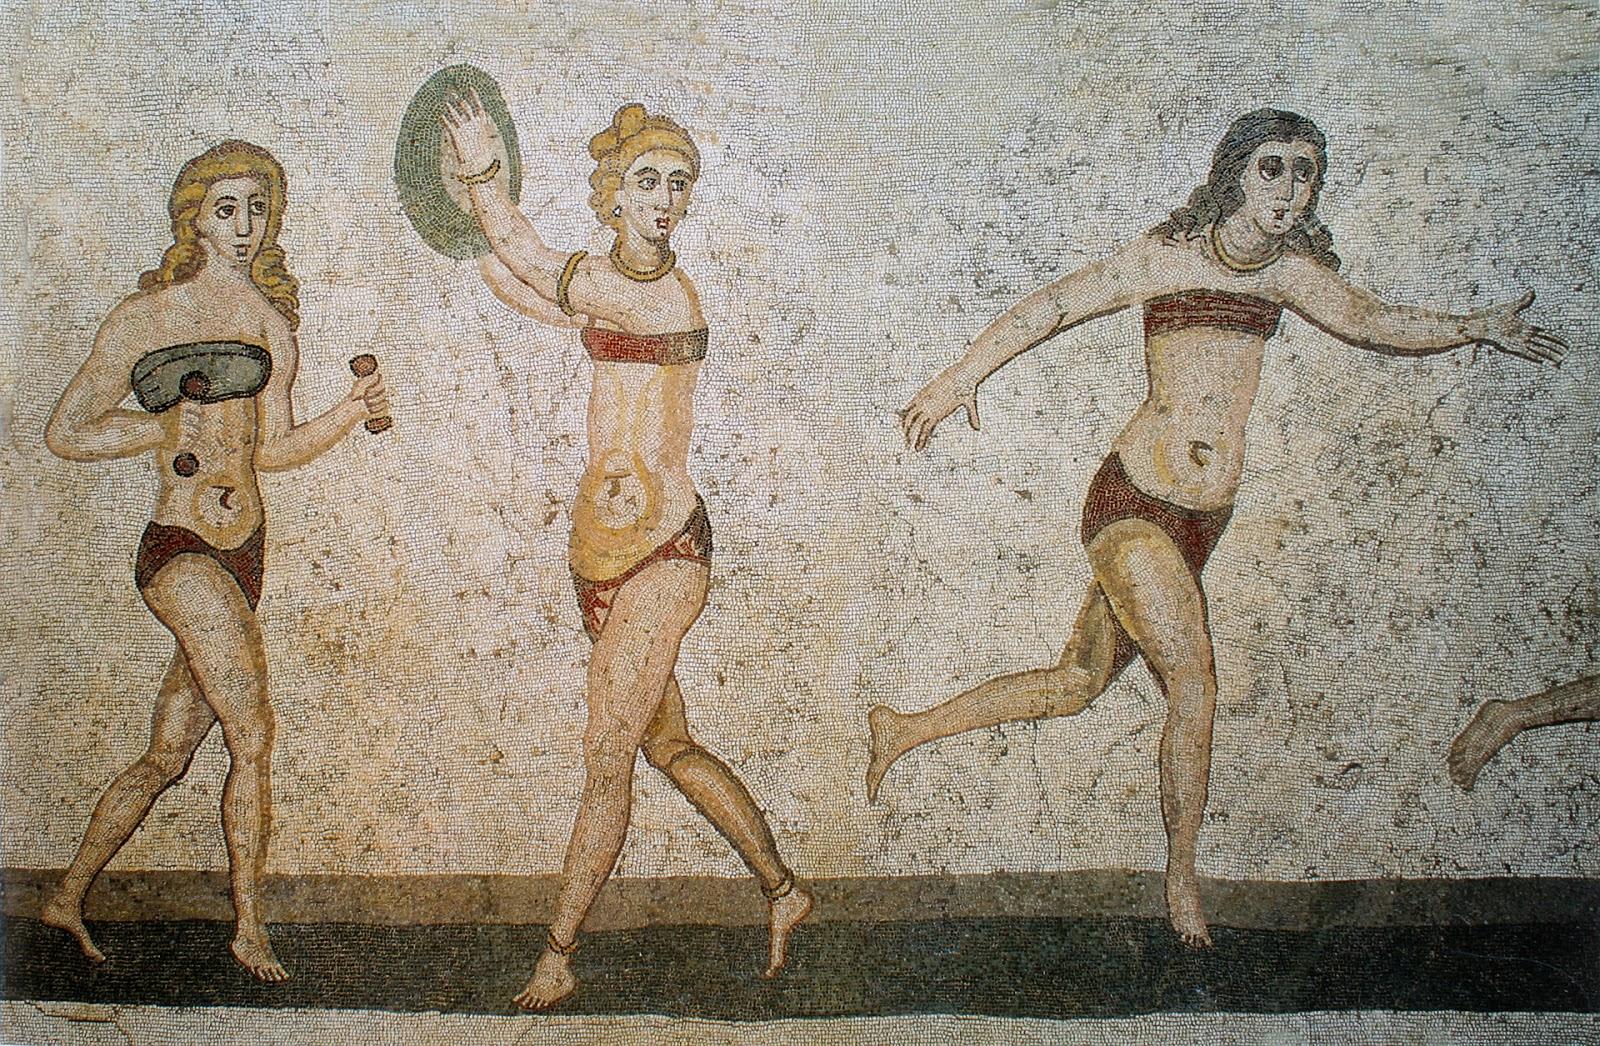 Wanita Yunani mengenakan Bikini sebagai Budak dan atlet